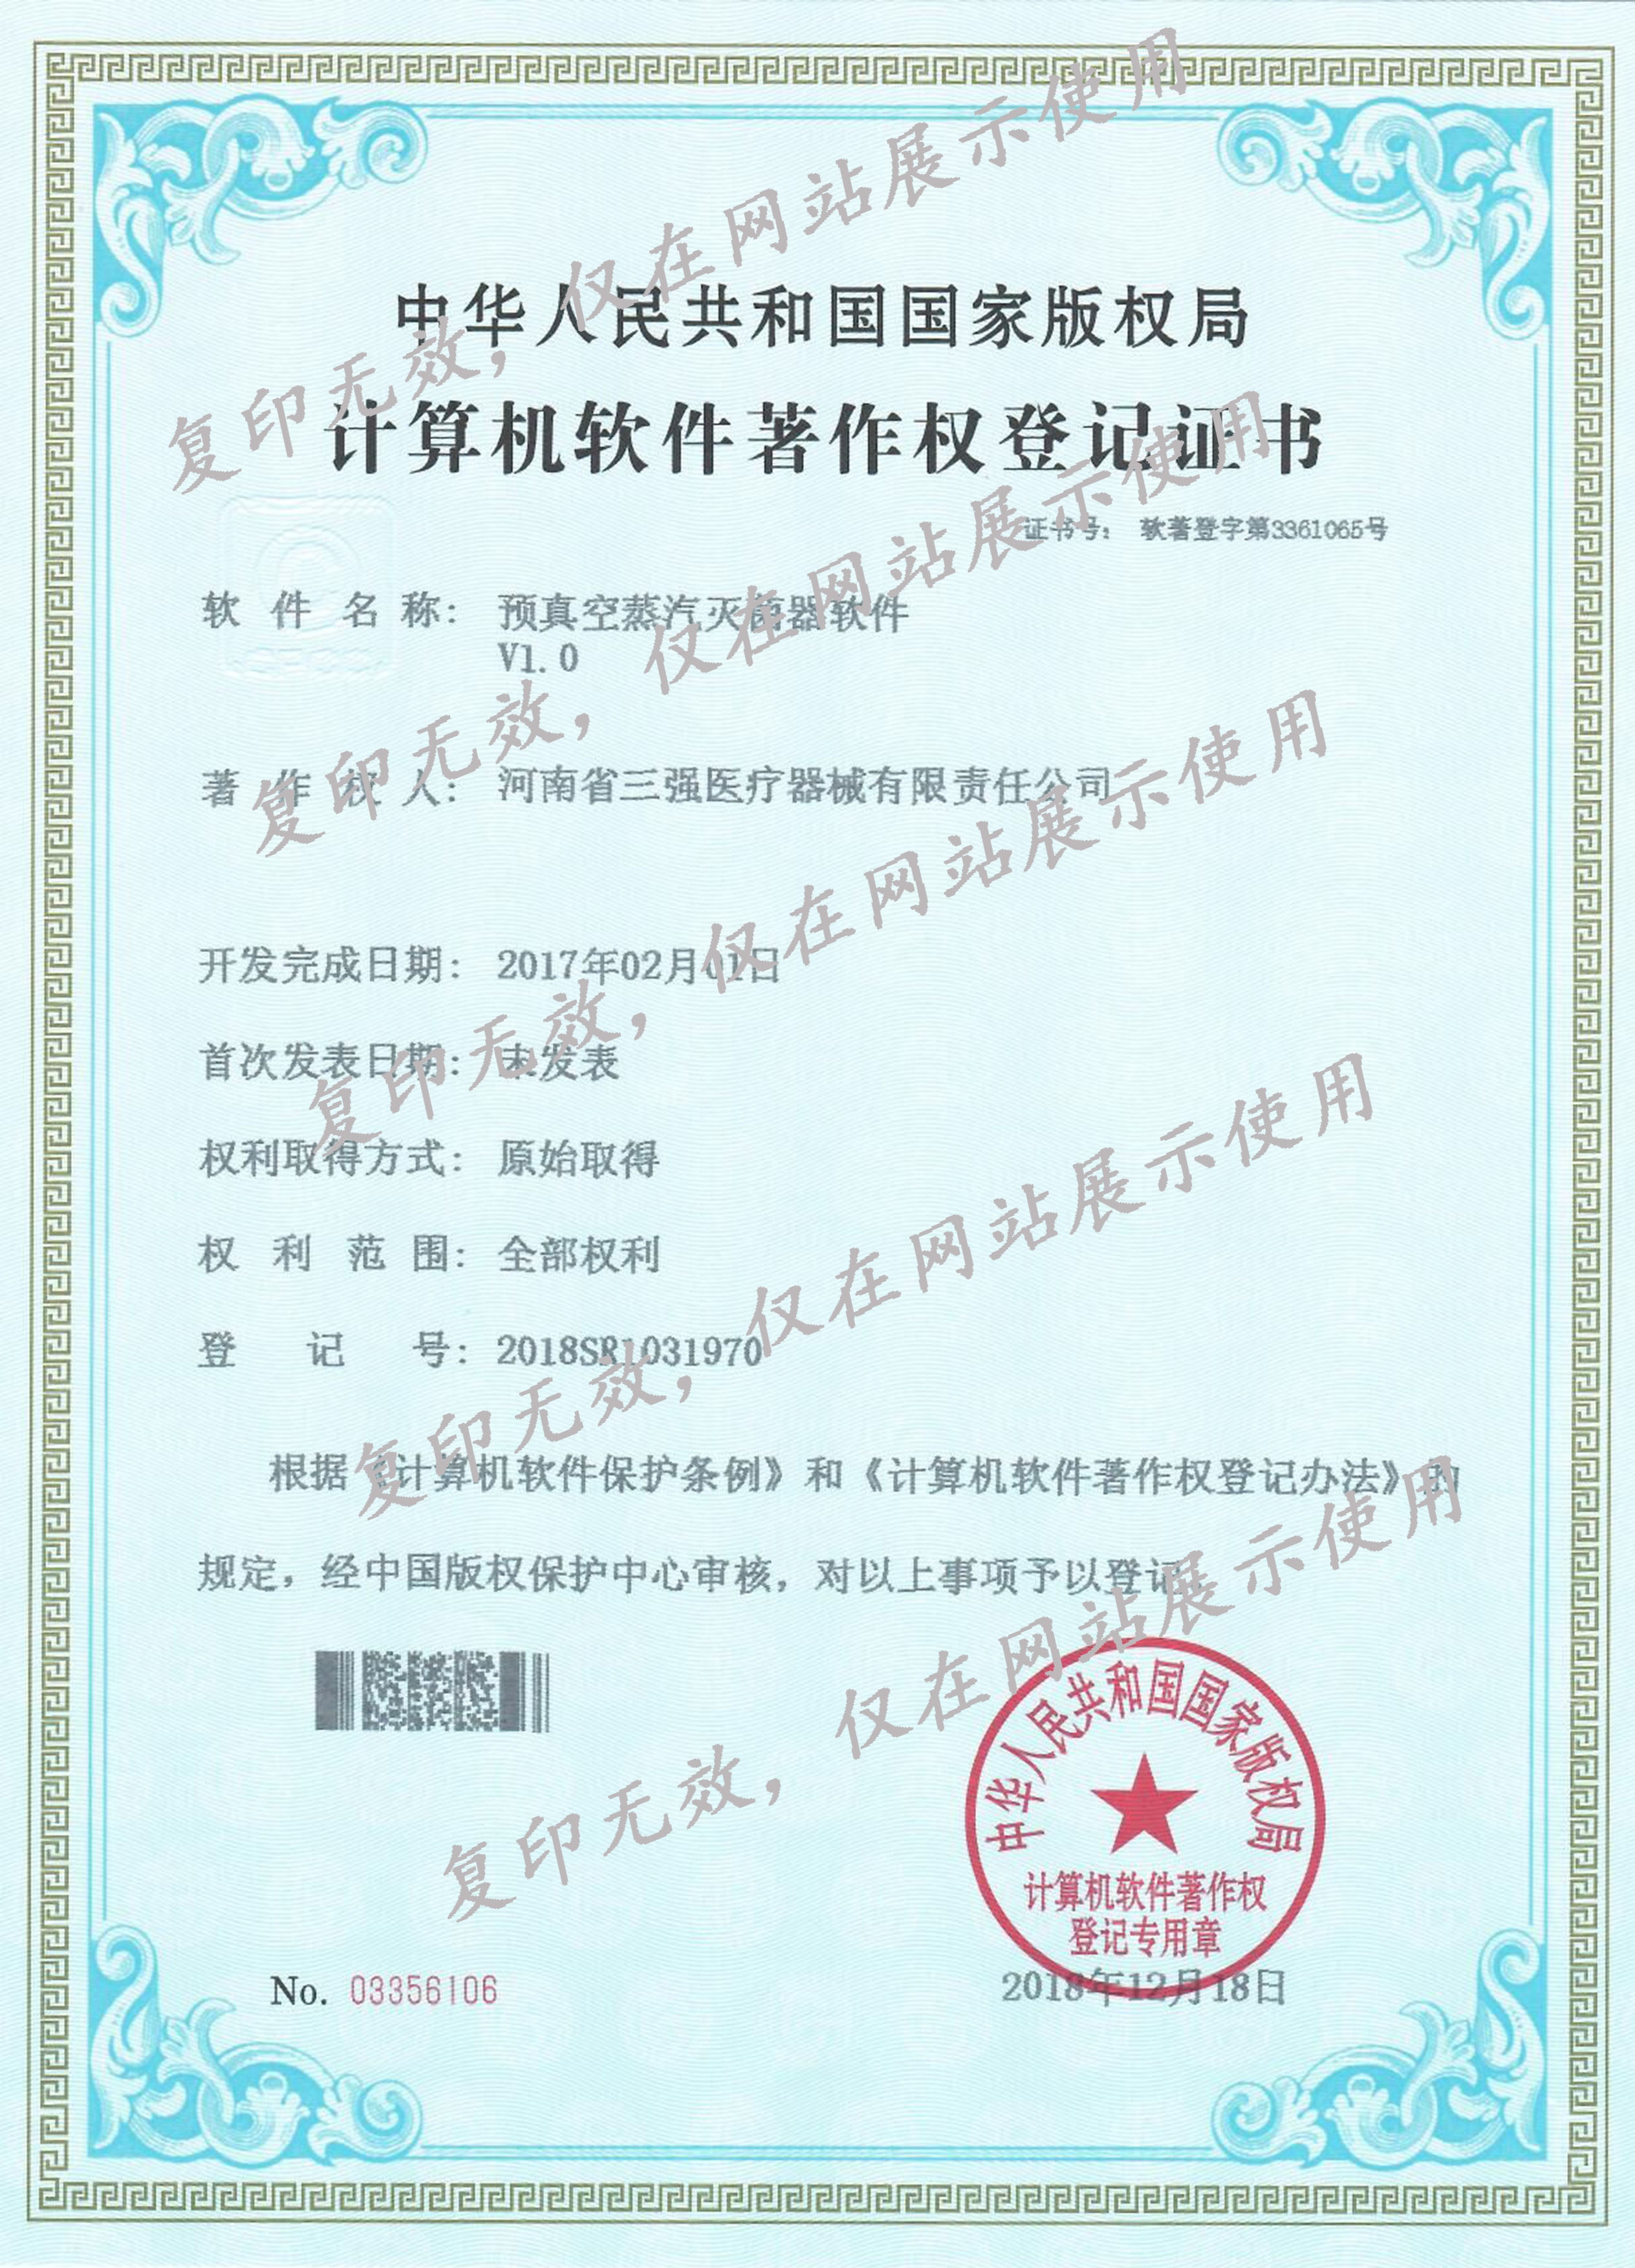 预真空蒸汽灭菌器计算机软件著作权登记证书